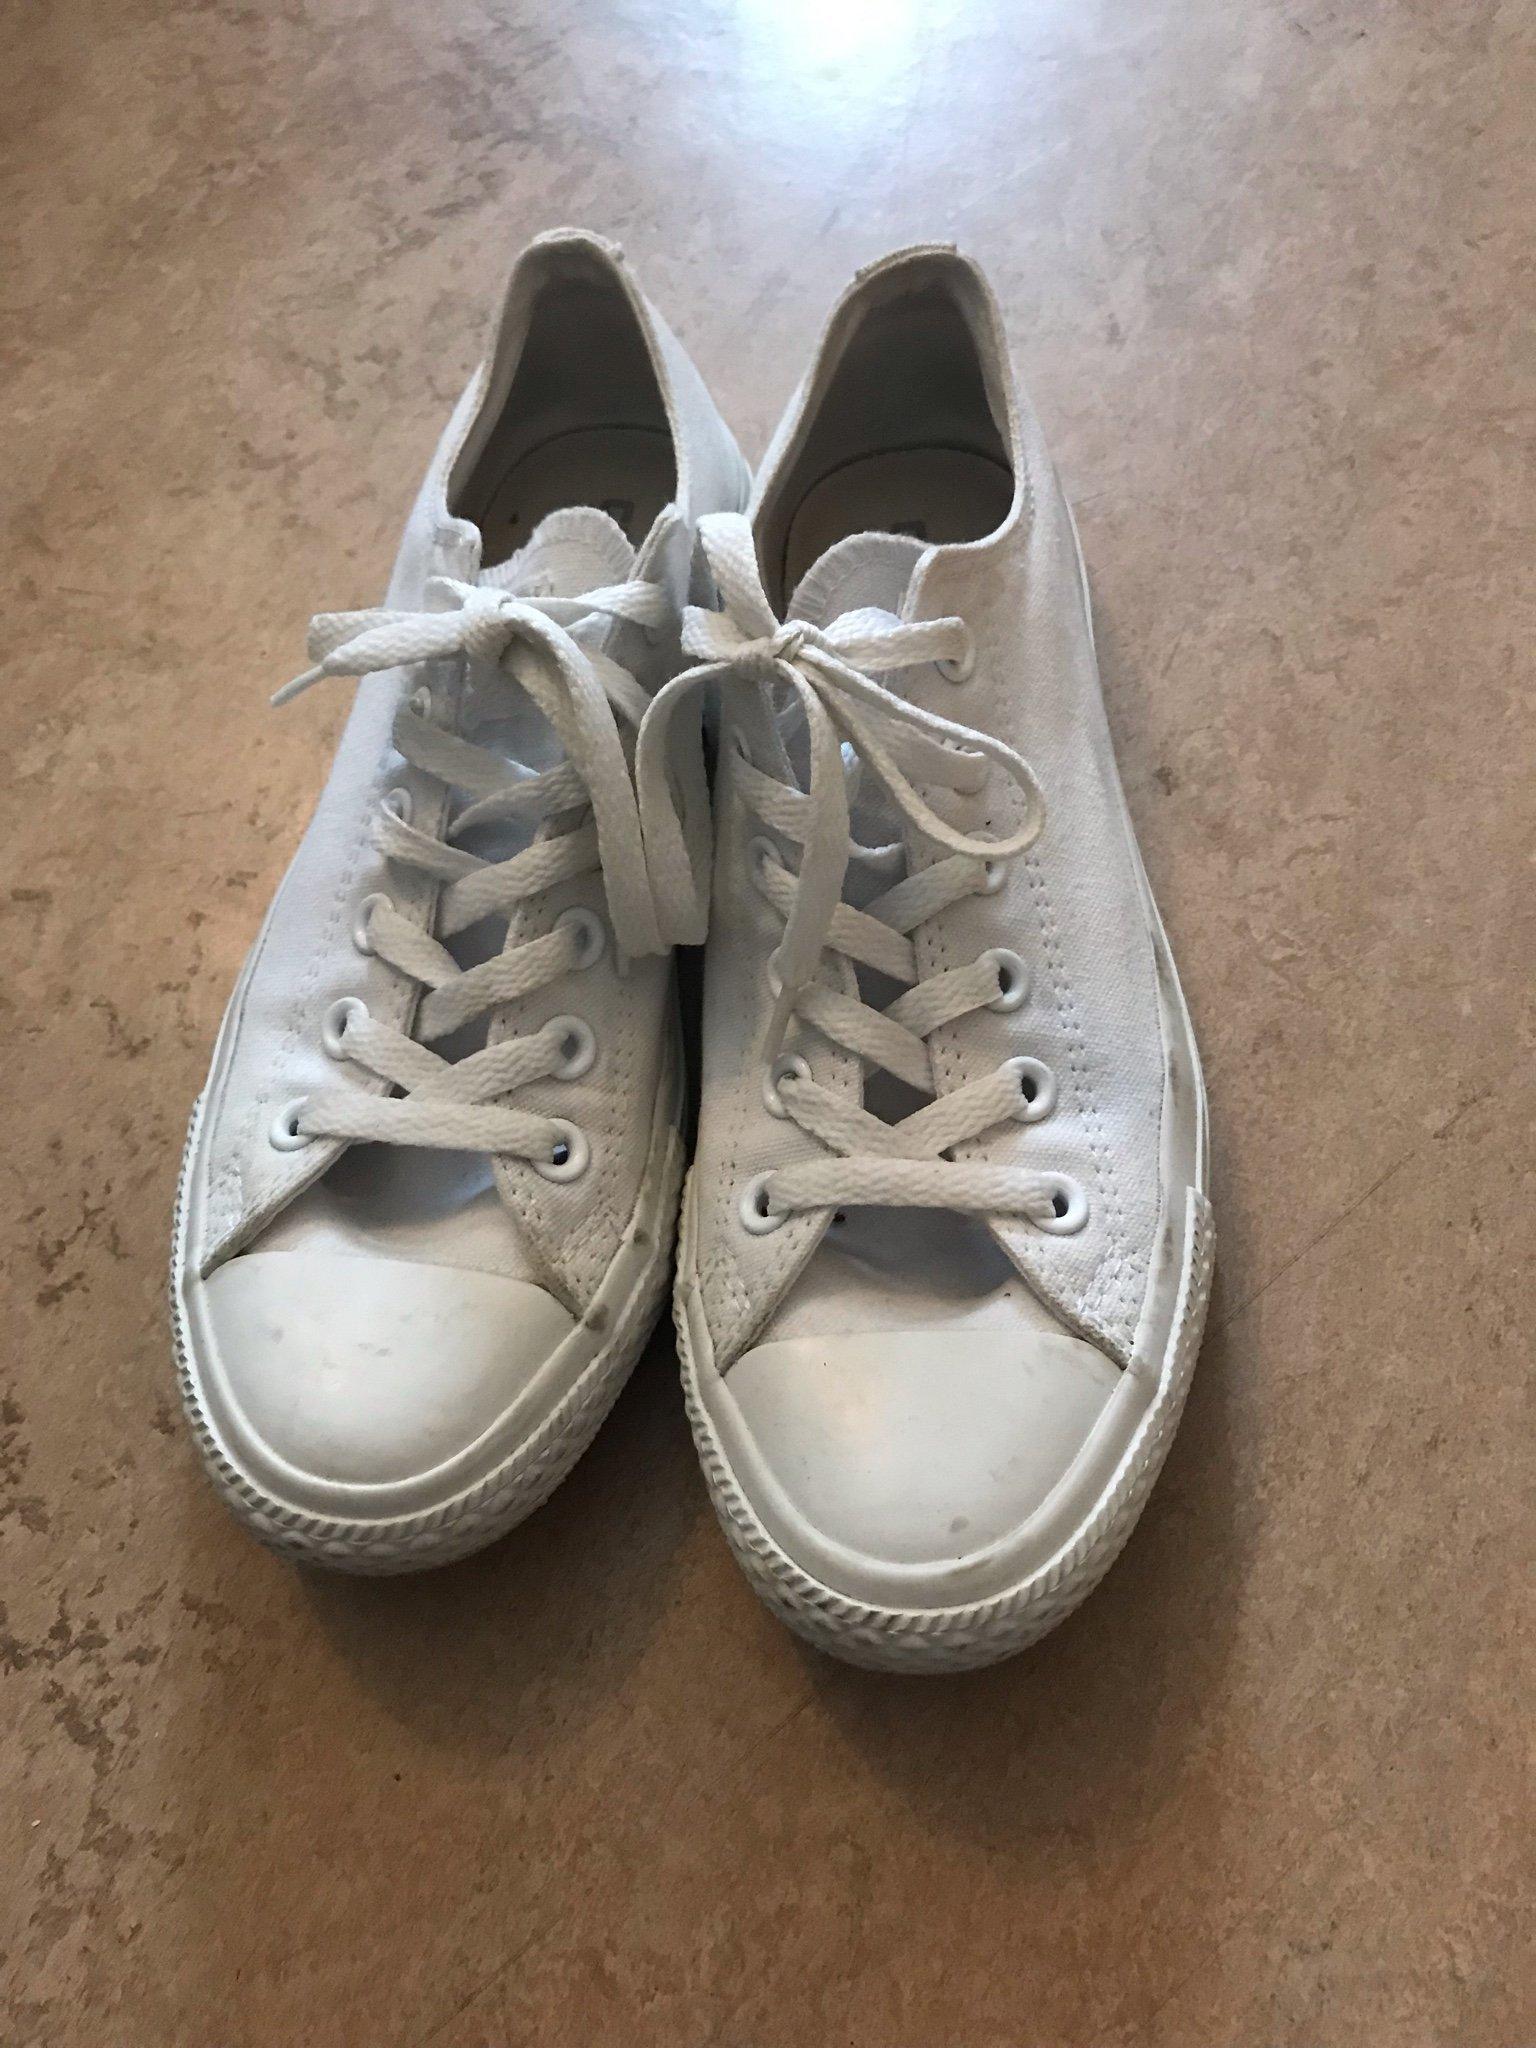 e8d09122650 Converse all star skor str 39 (354400360) ᐈ Köp på Tradera